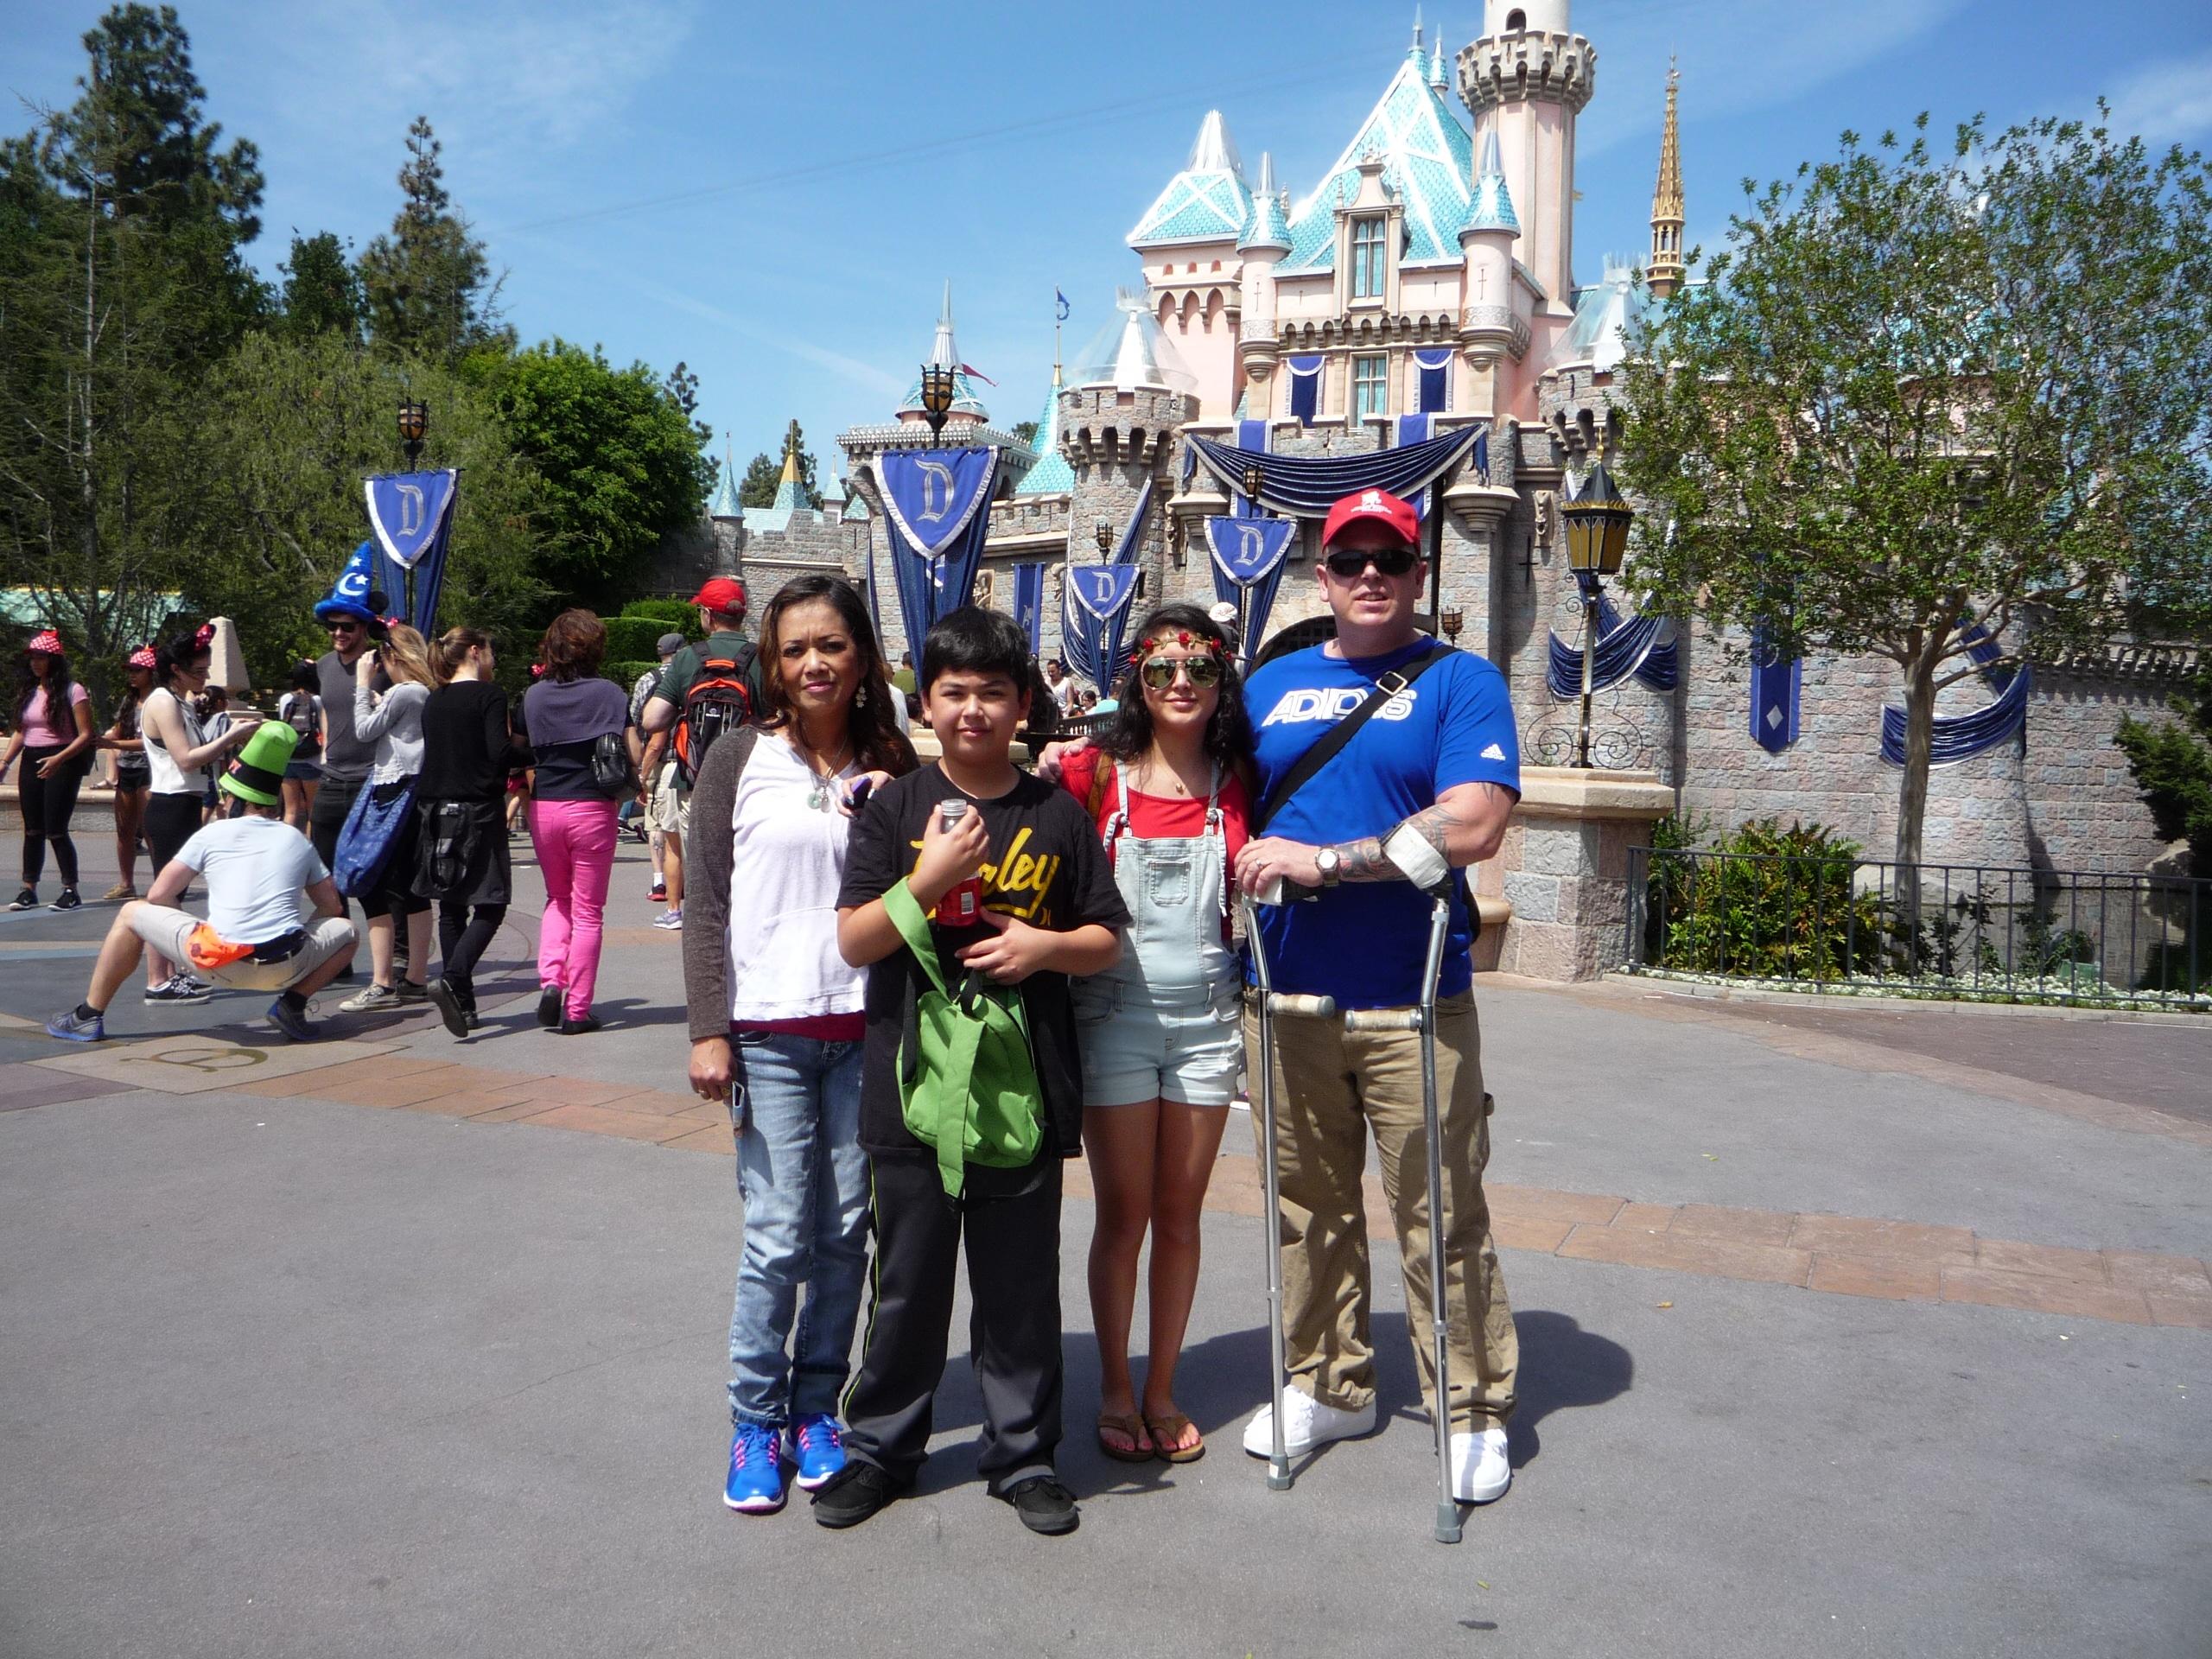 Poppy's Wish Disneyland 2015